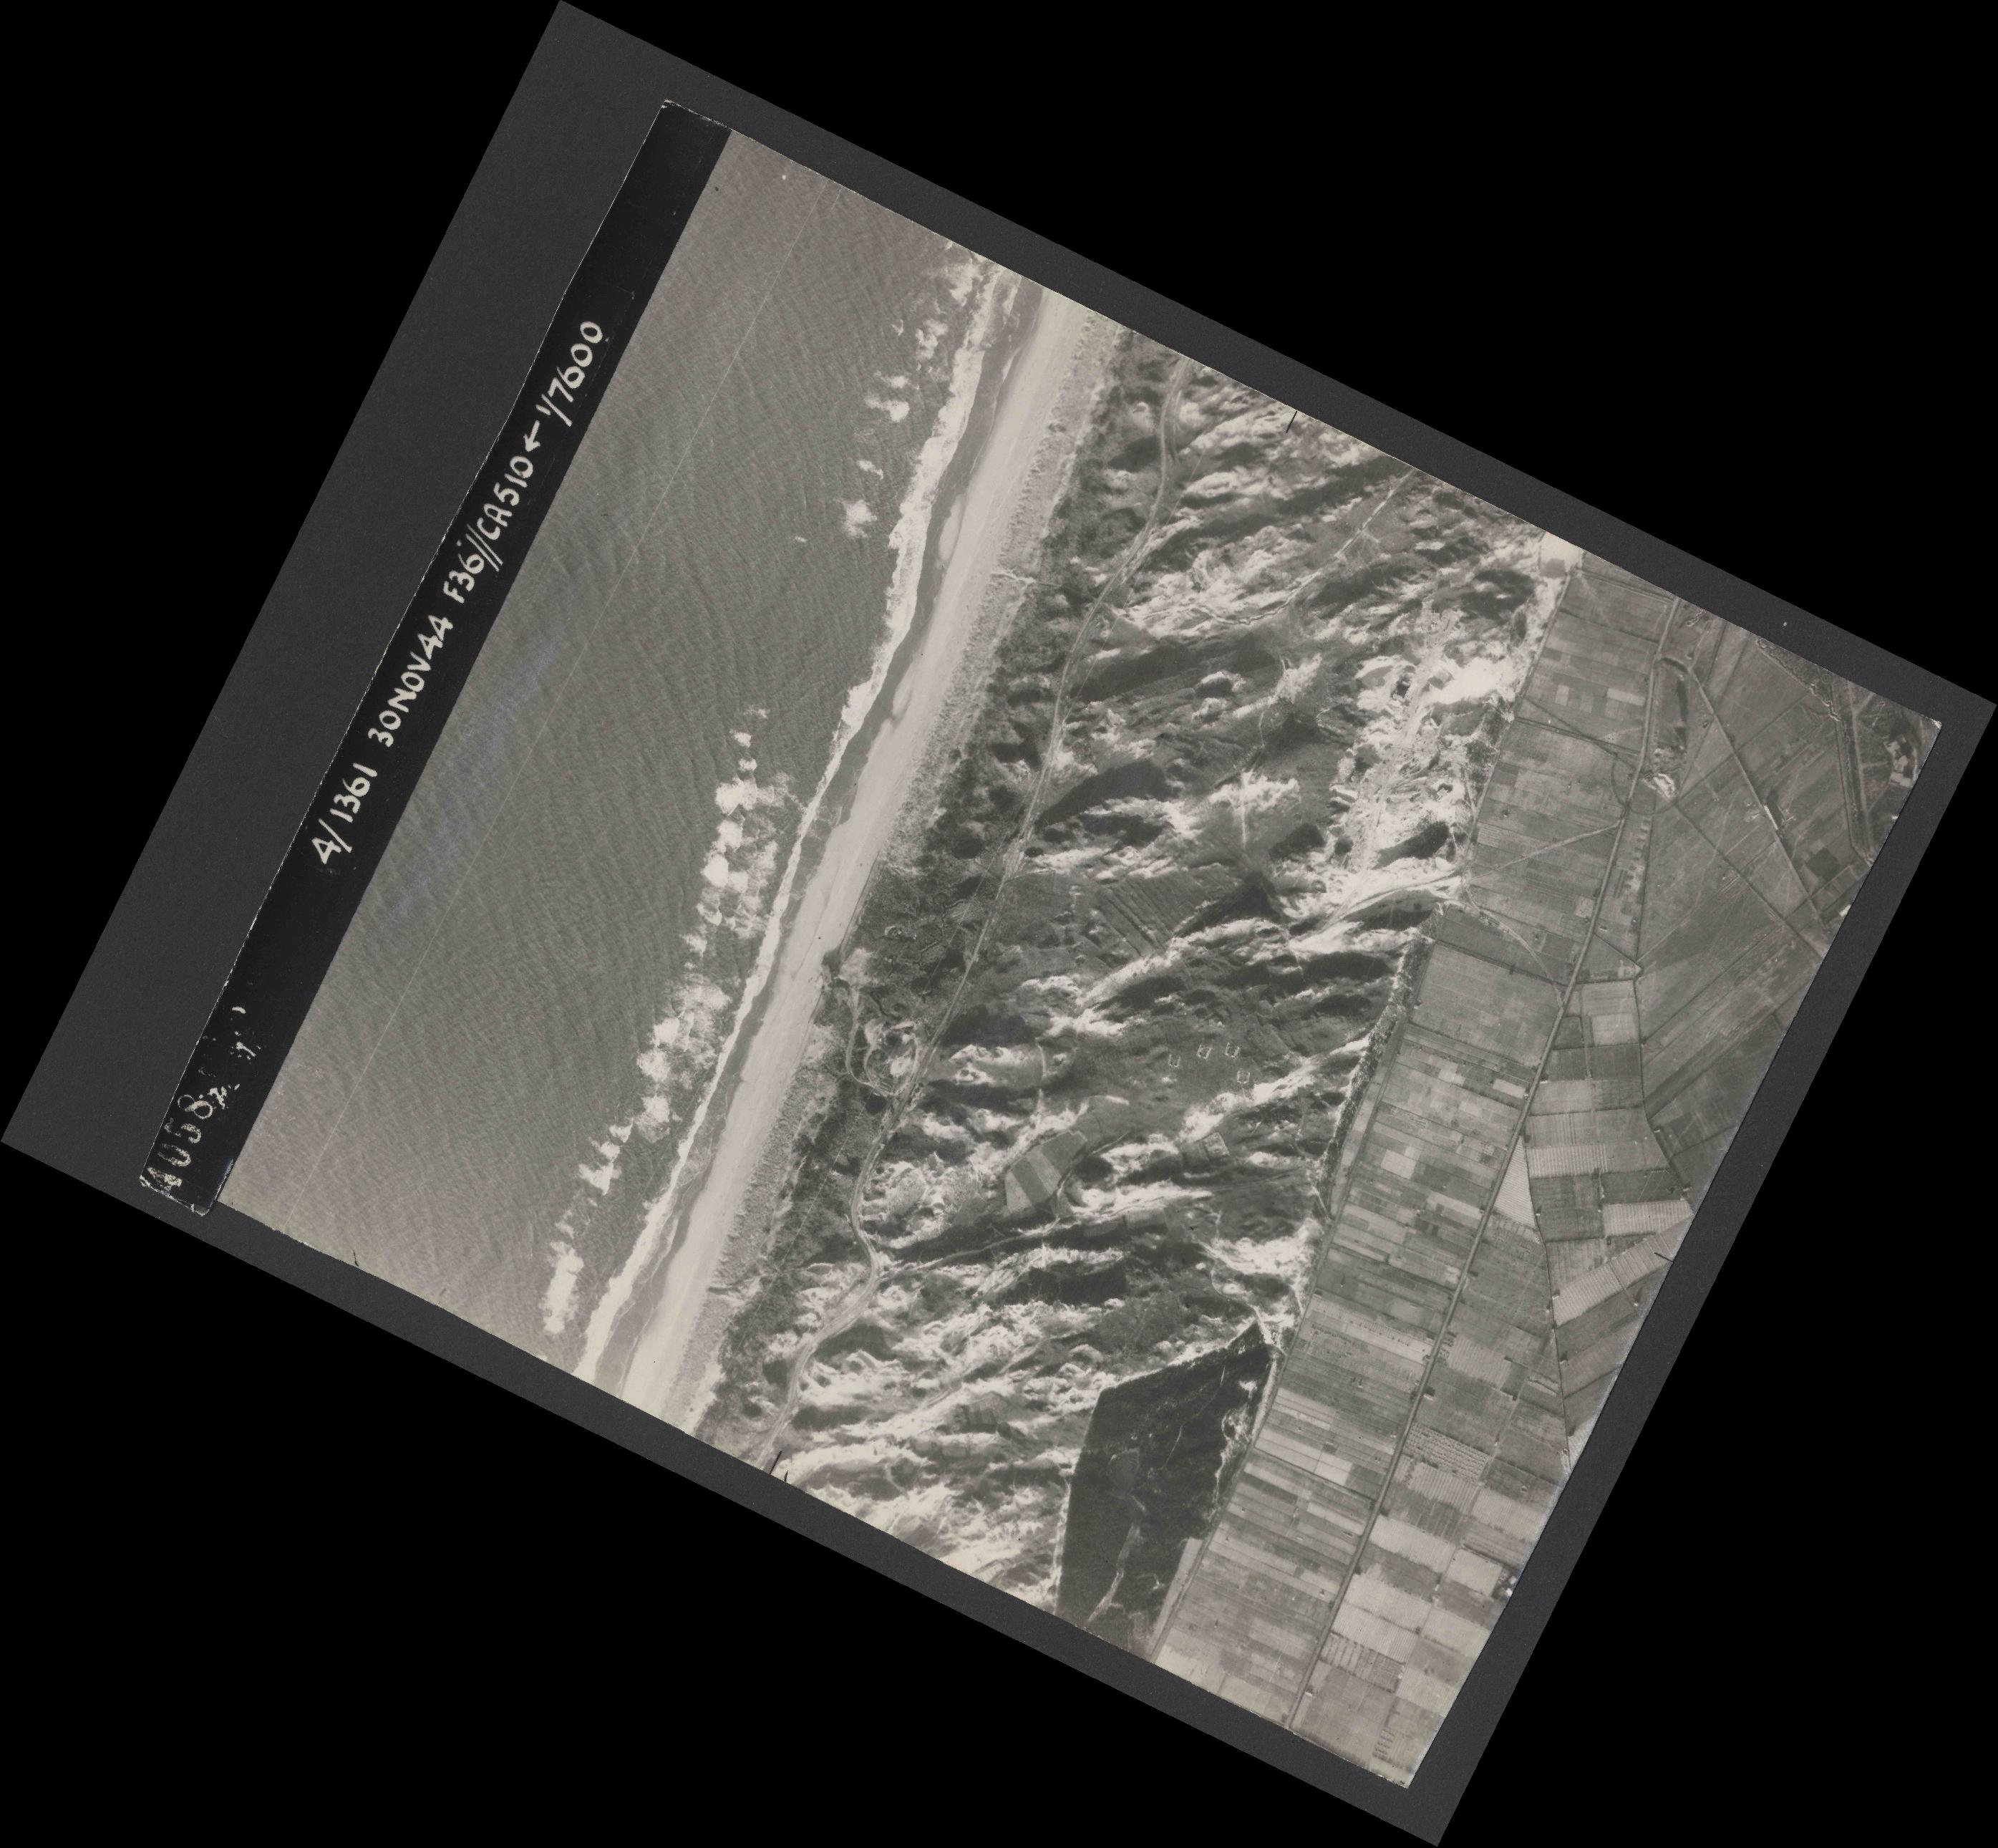 Collection RAF aerial photos 1940-1945 - flight 151, run 01, photo 4058